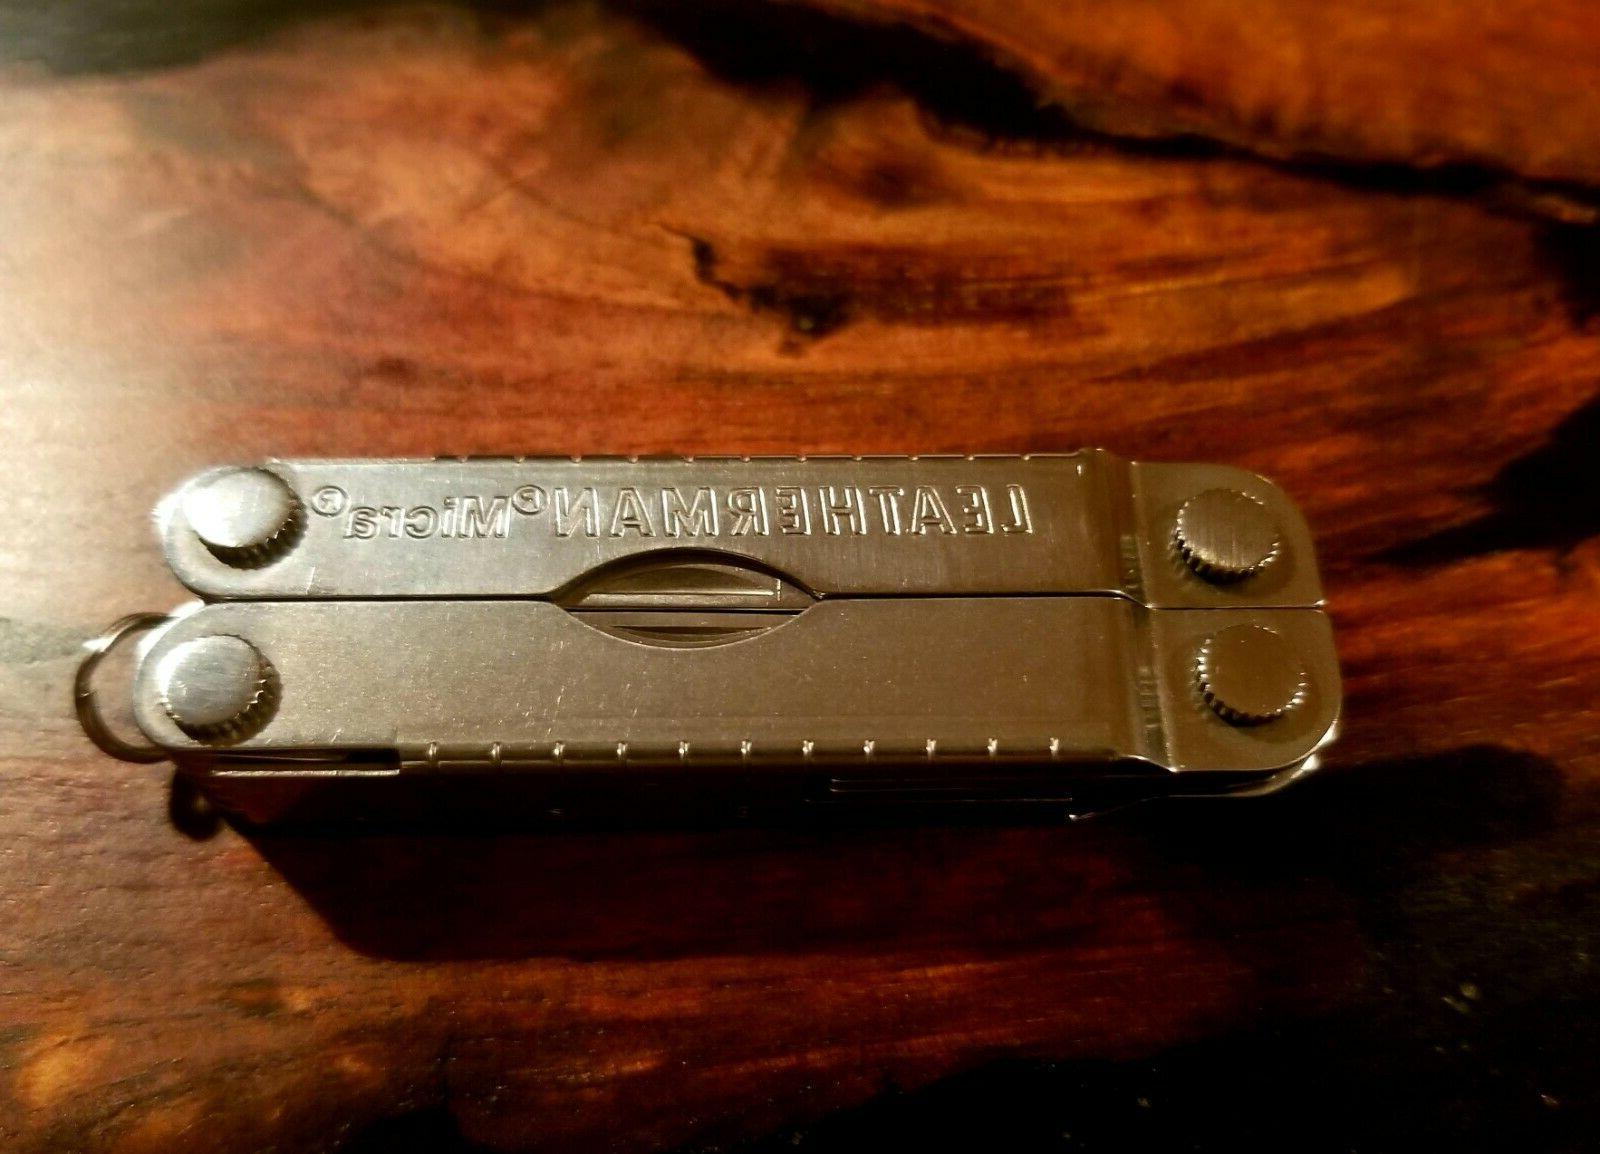 Leatherman Key-chain, Multi-tool,